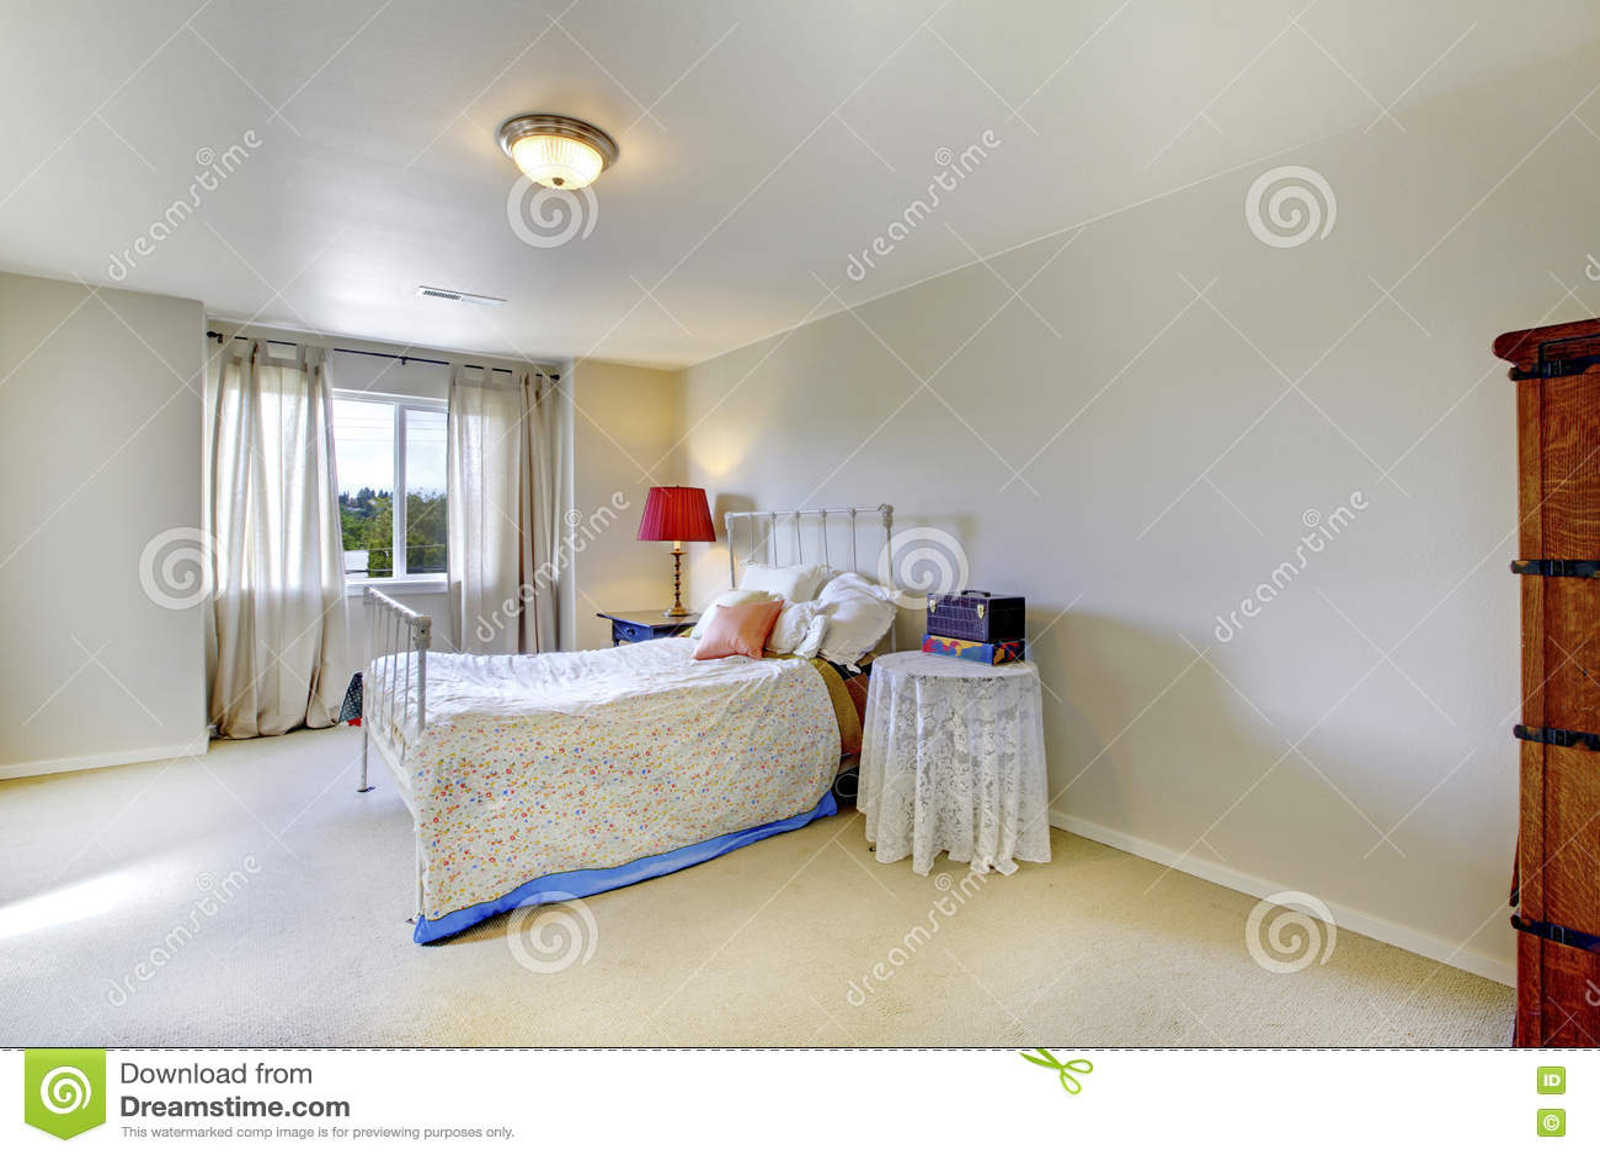 Camera da letto con parete rossa cheap camera da letto con parete rossa with camera da letto - Camera da letto rossa e bianca ...